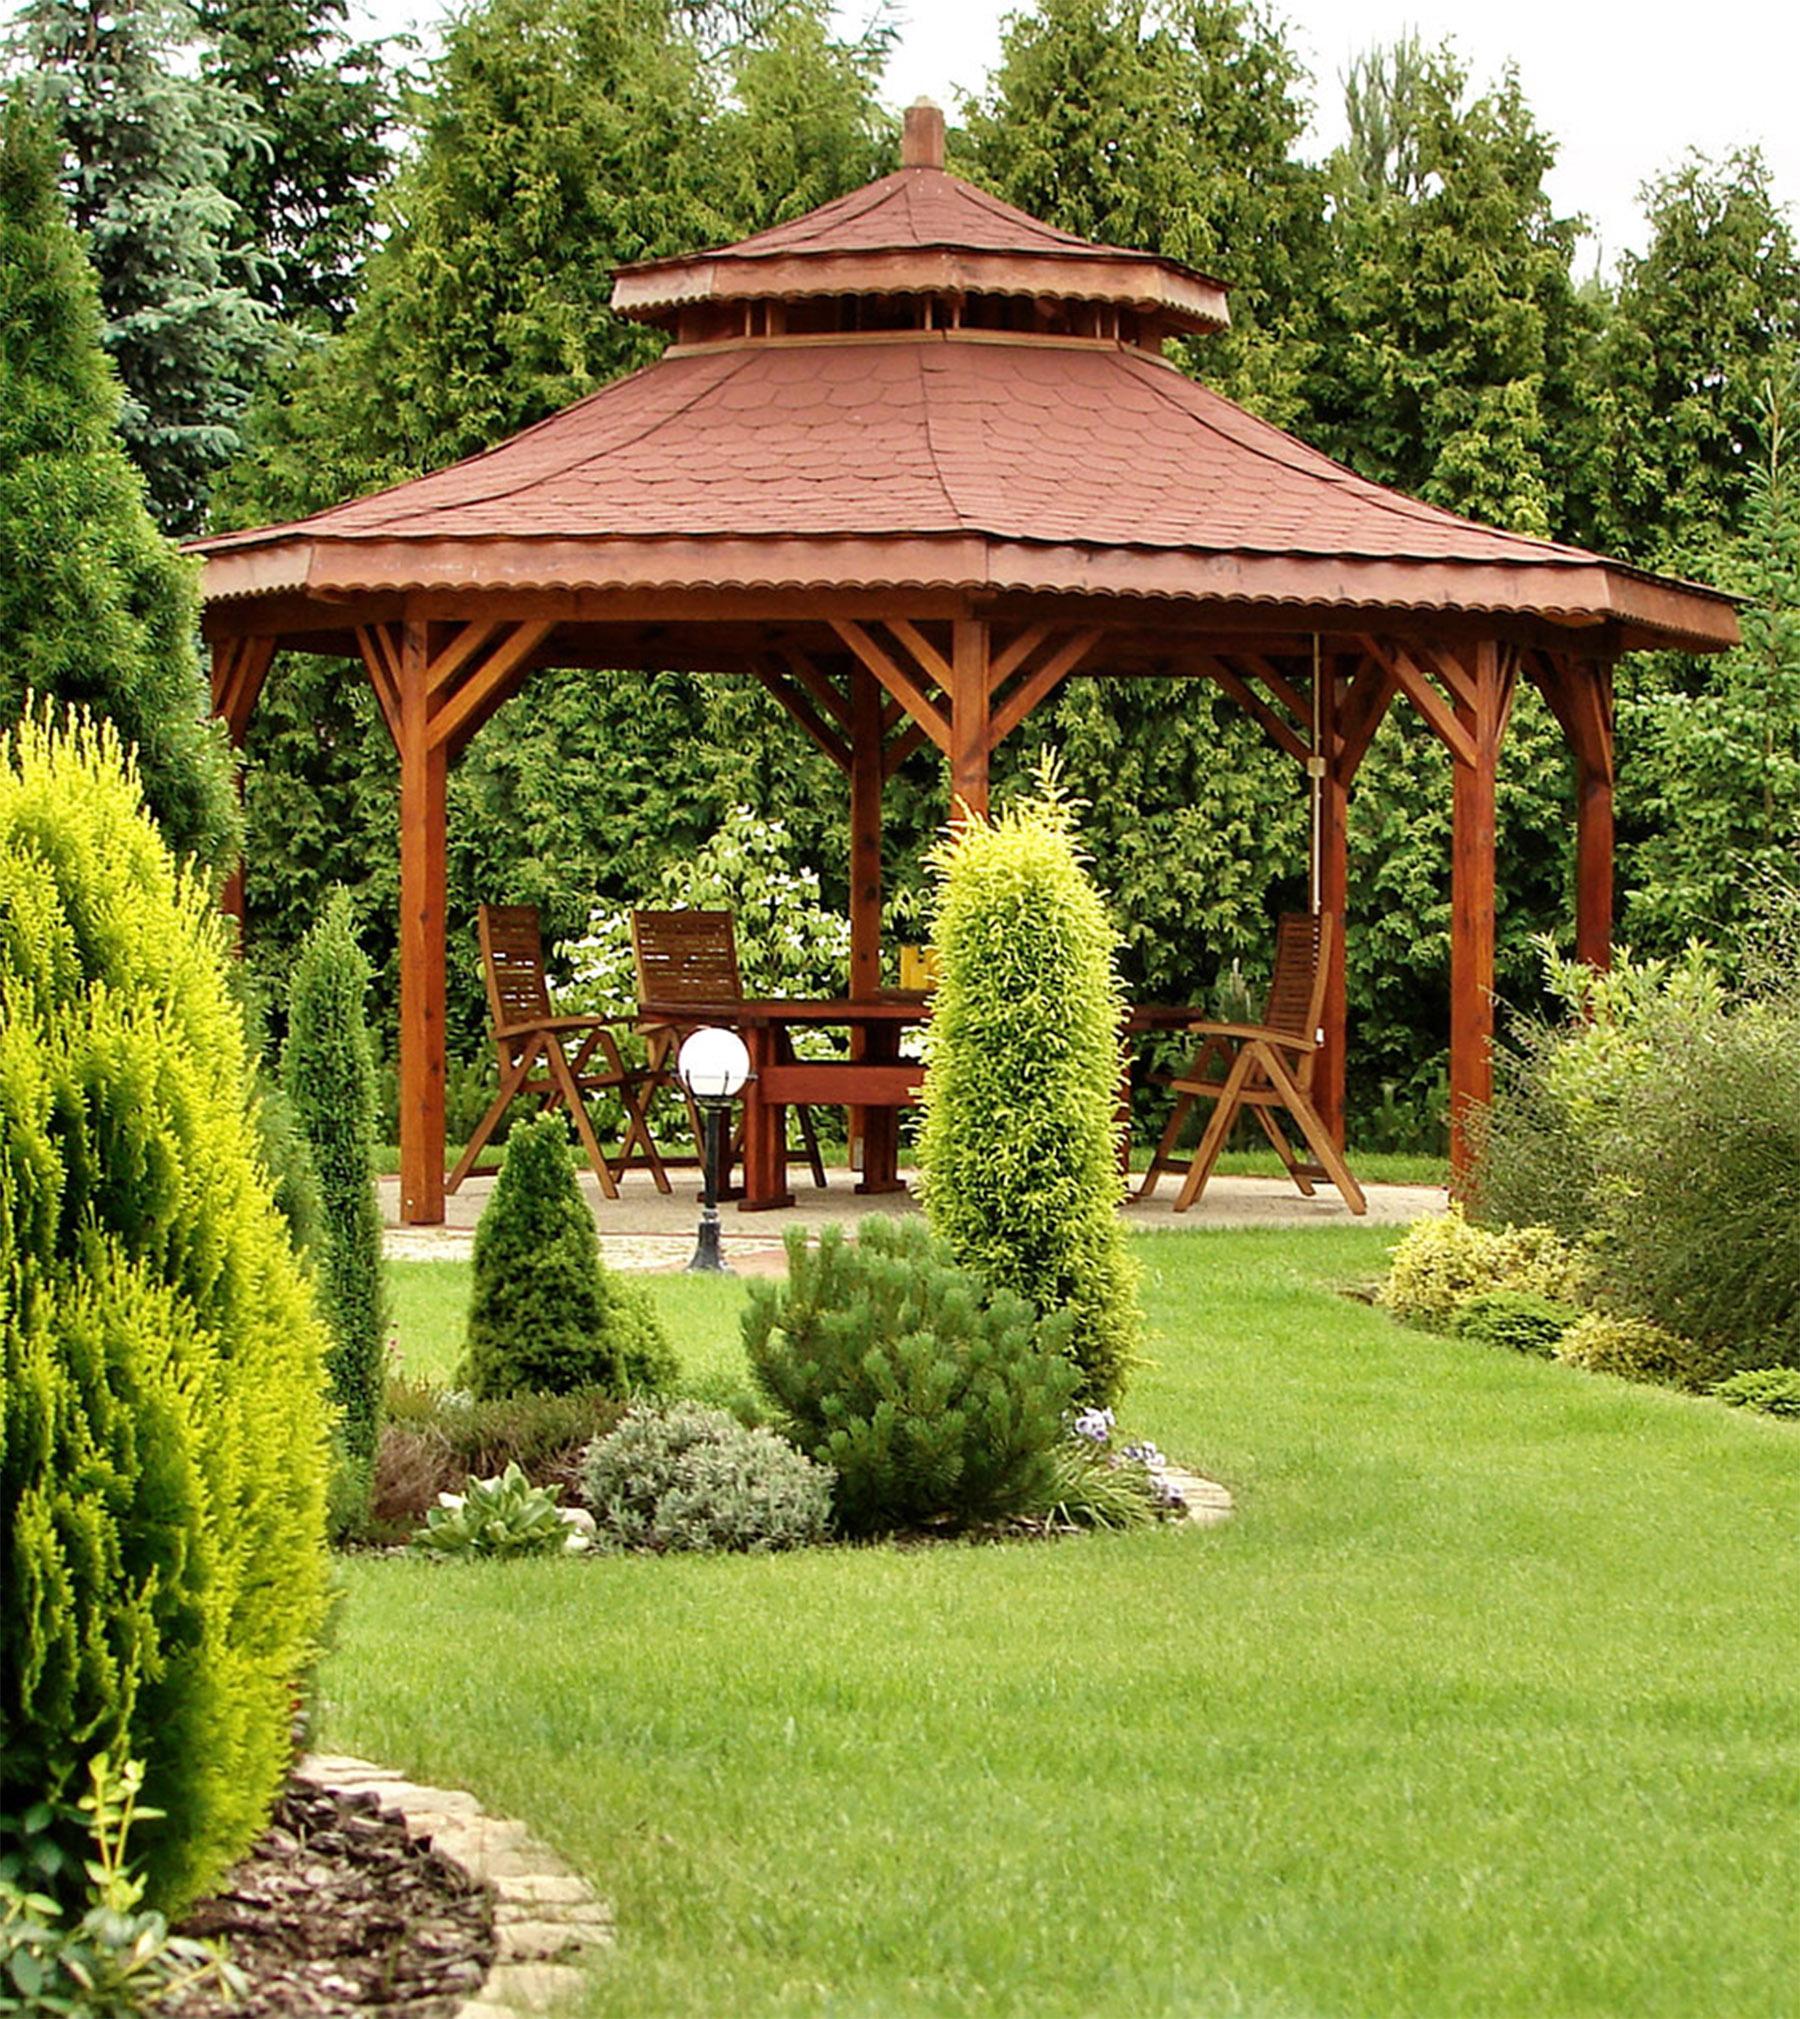 Entretien de jardin limoges phyto puration elagage for Amenagement jardin limoges